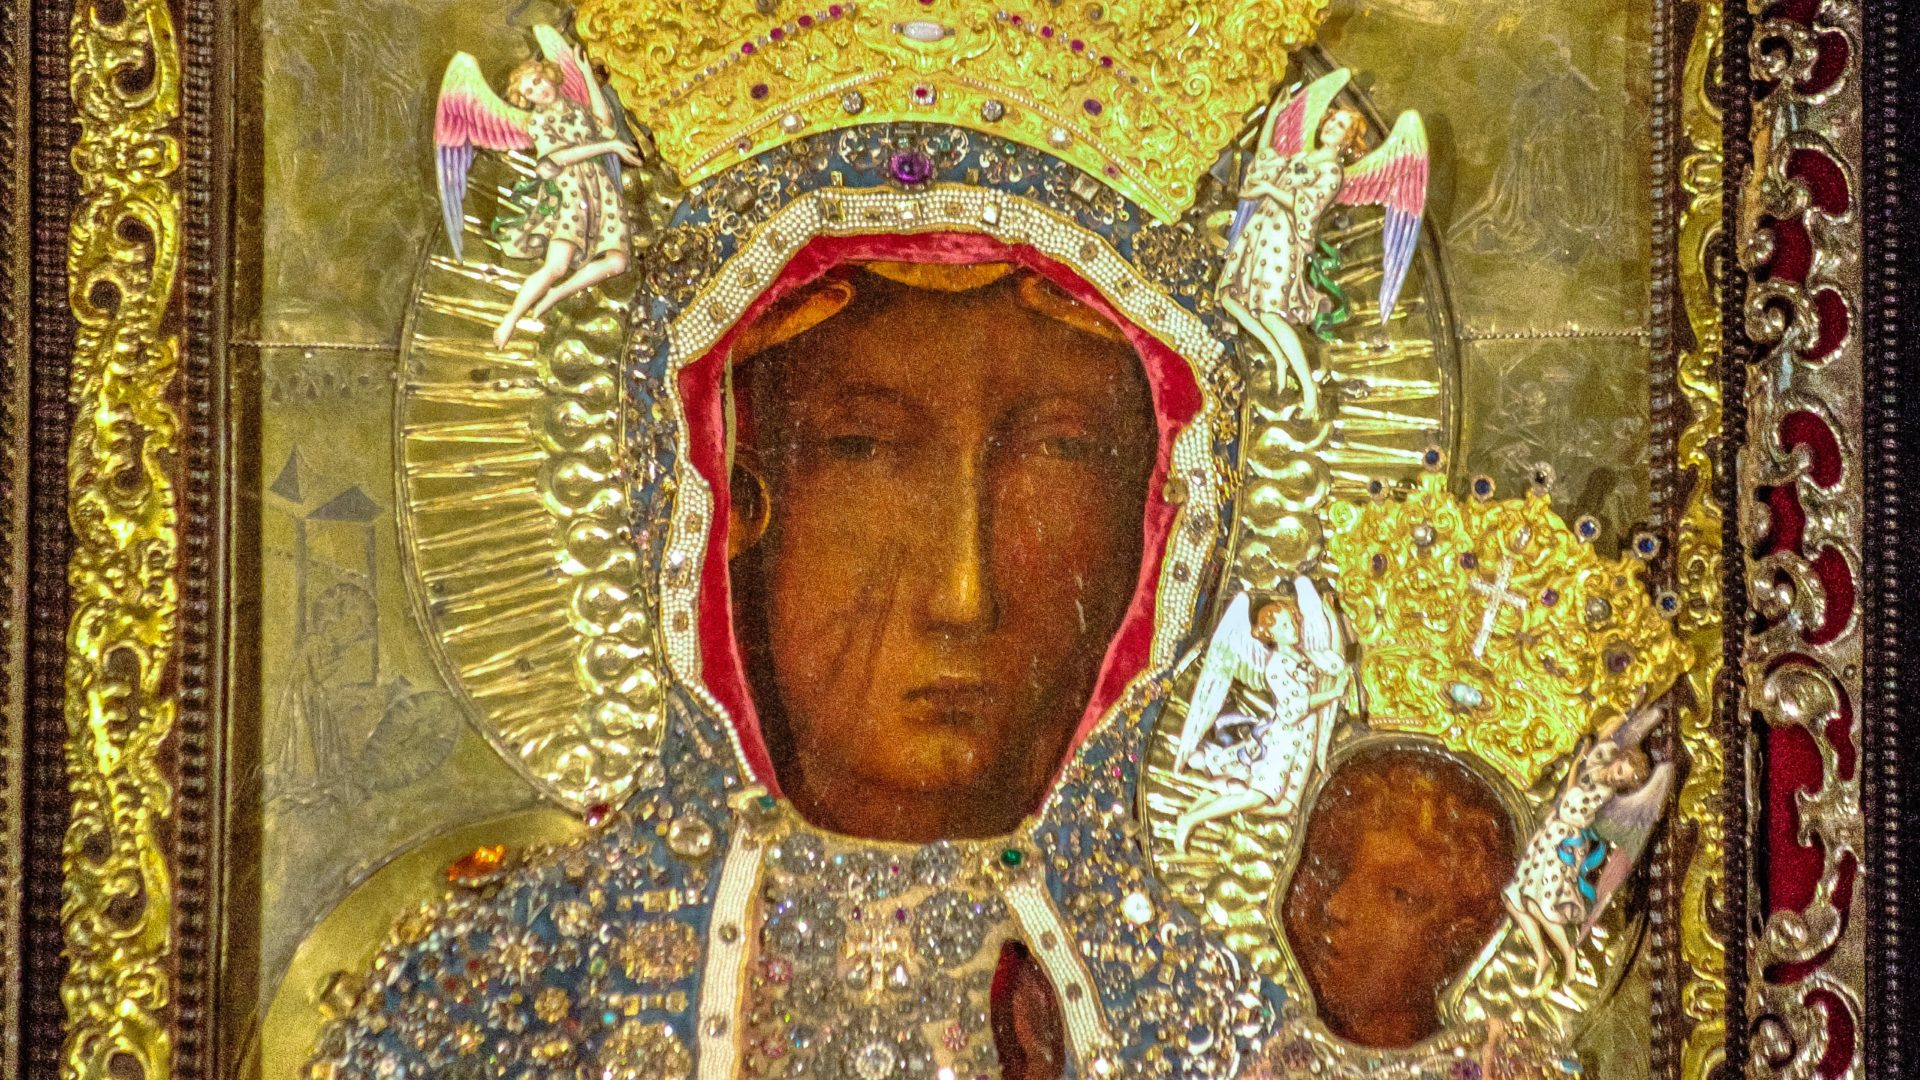 Le Pape Francois Prie Devant La Vierge Noire De Czestochowa Cath Ch